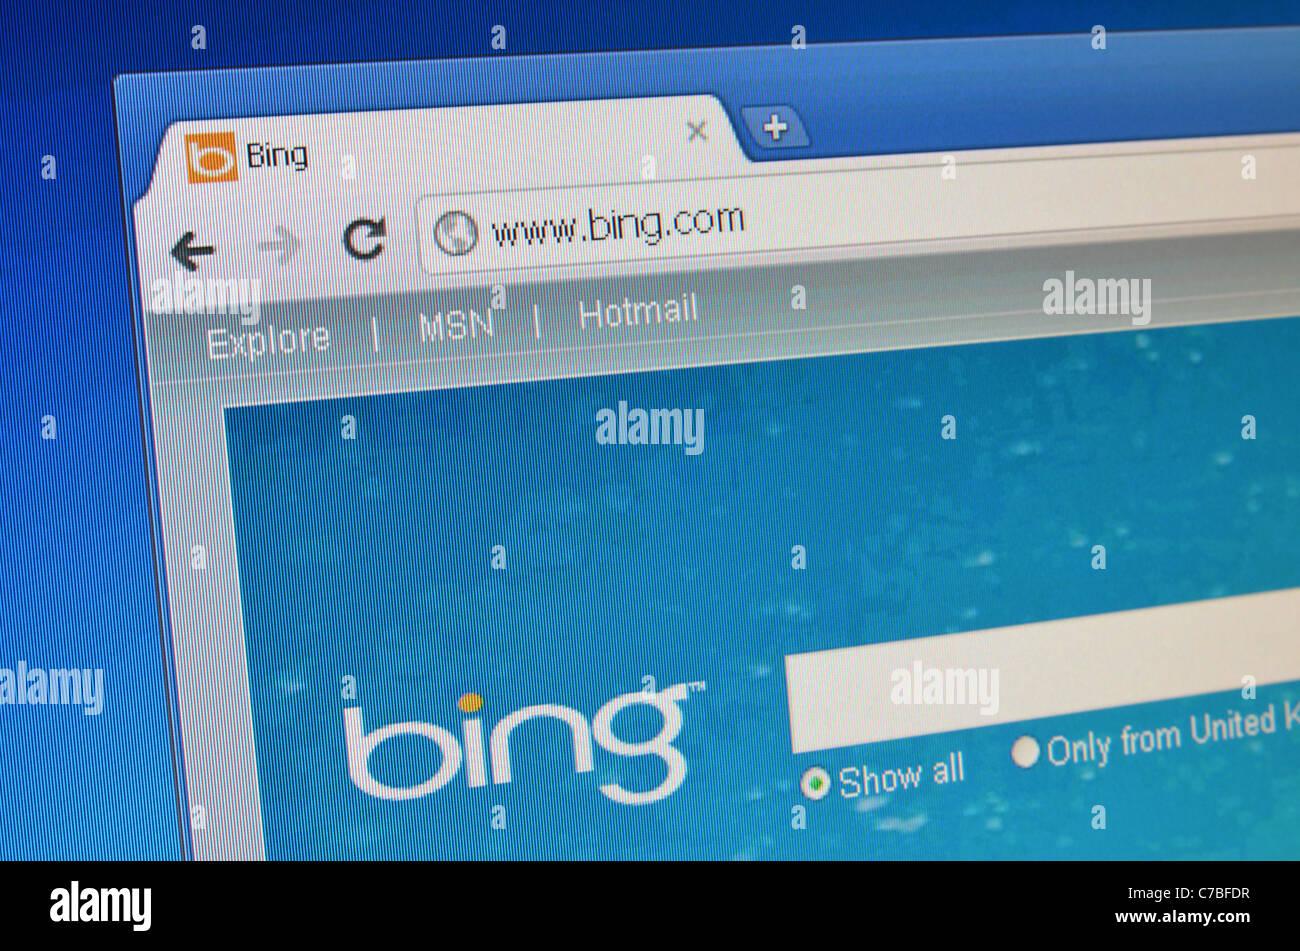 Bing website screenshot - Stock Image